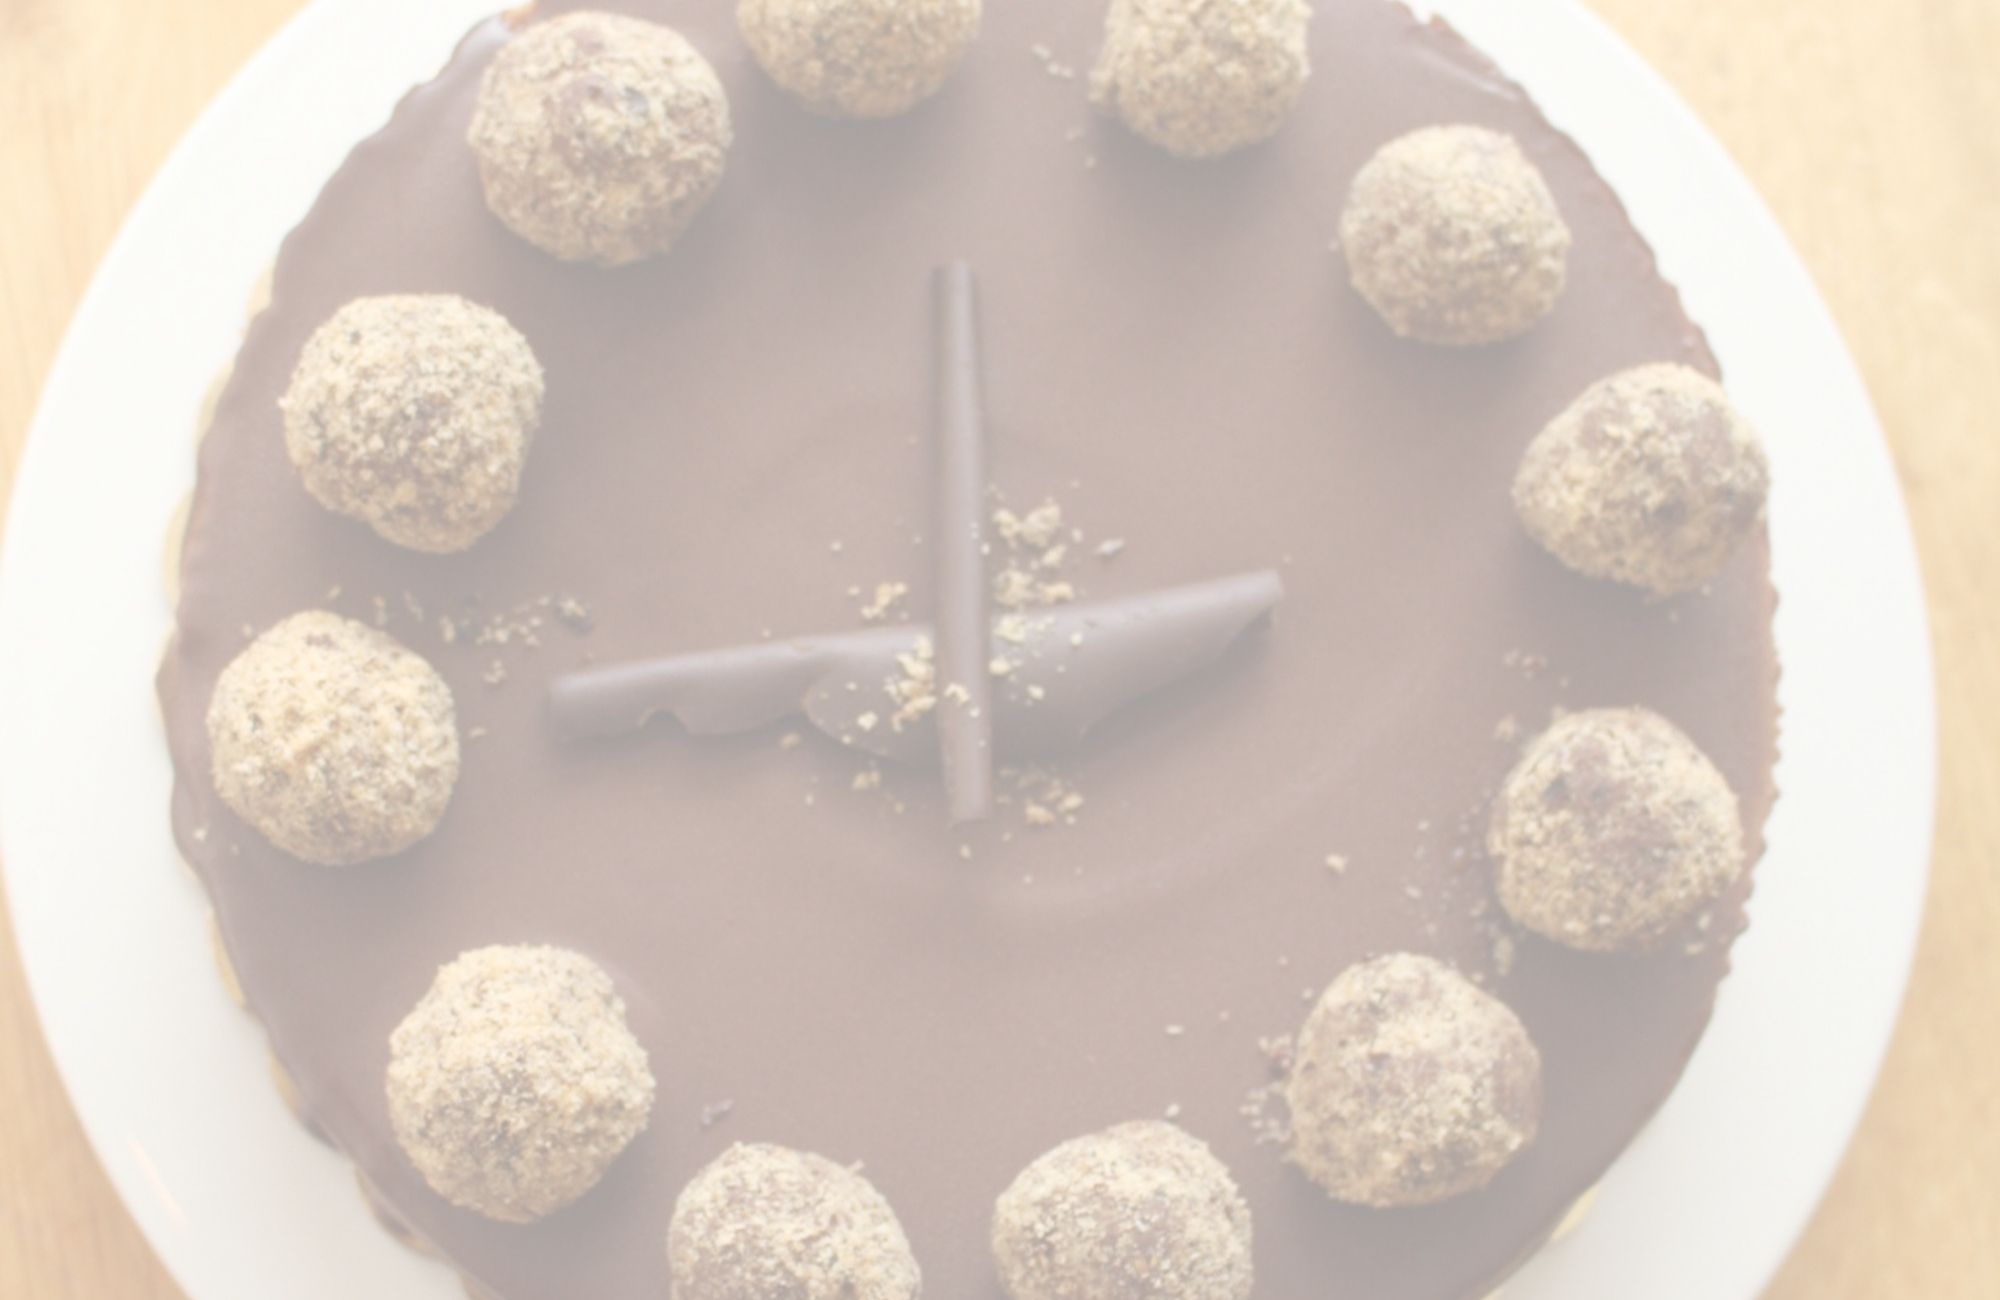 hazelnut cheesecake$43.95 - Hazelnut & traditional cheesecake layers with a hazelnut & Oreo crust topped with a ganache glaze & chocolate truffles.